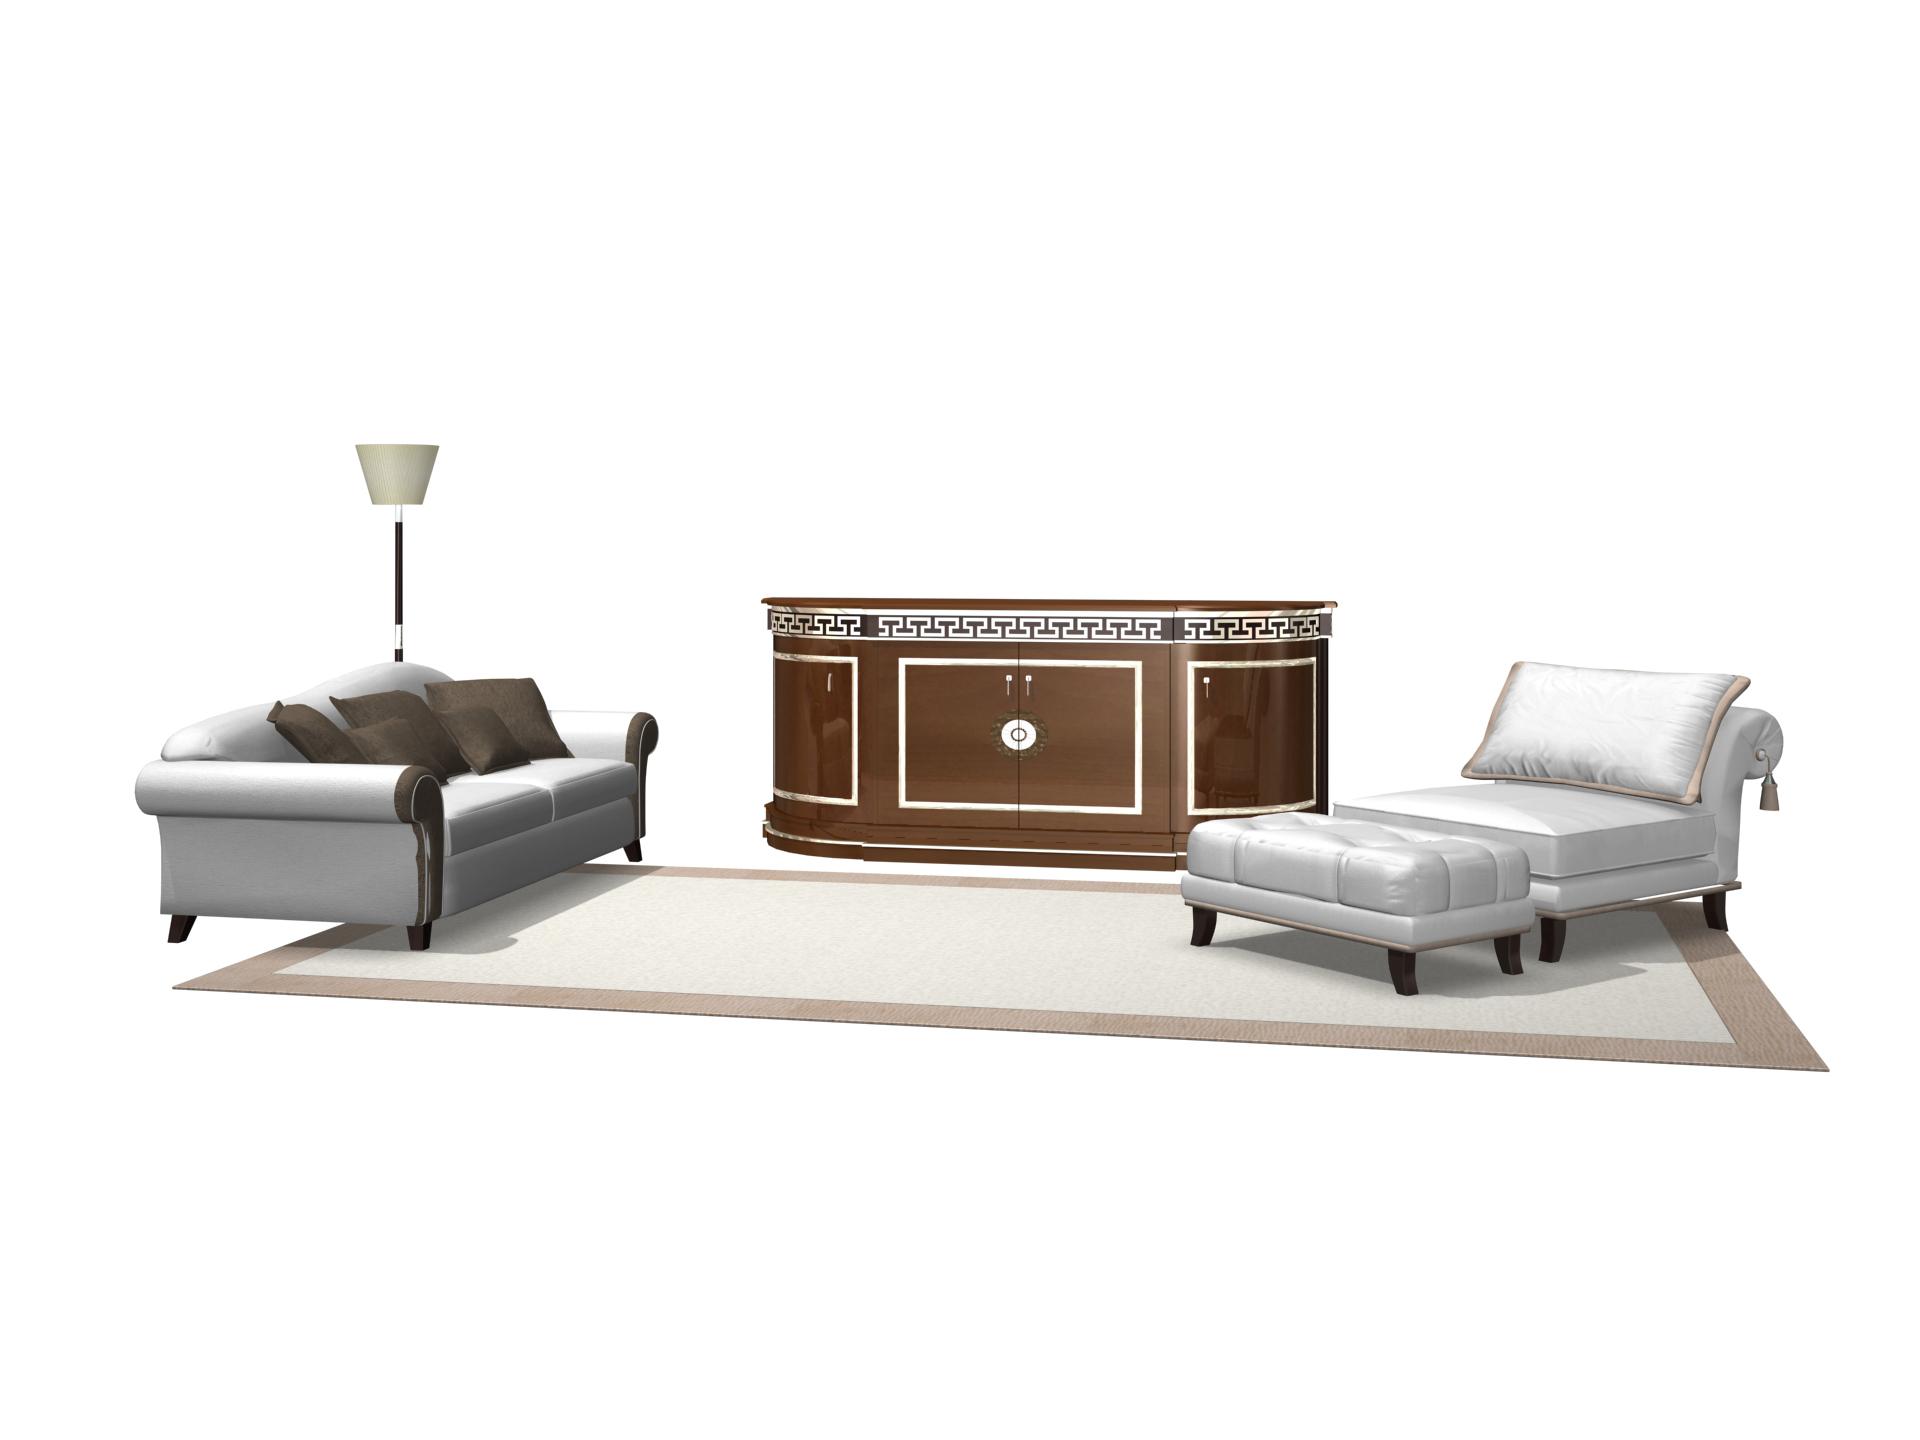 Furniture Sas 003 3d Model Download Free 3d Models Download